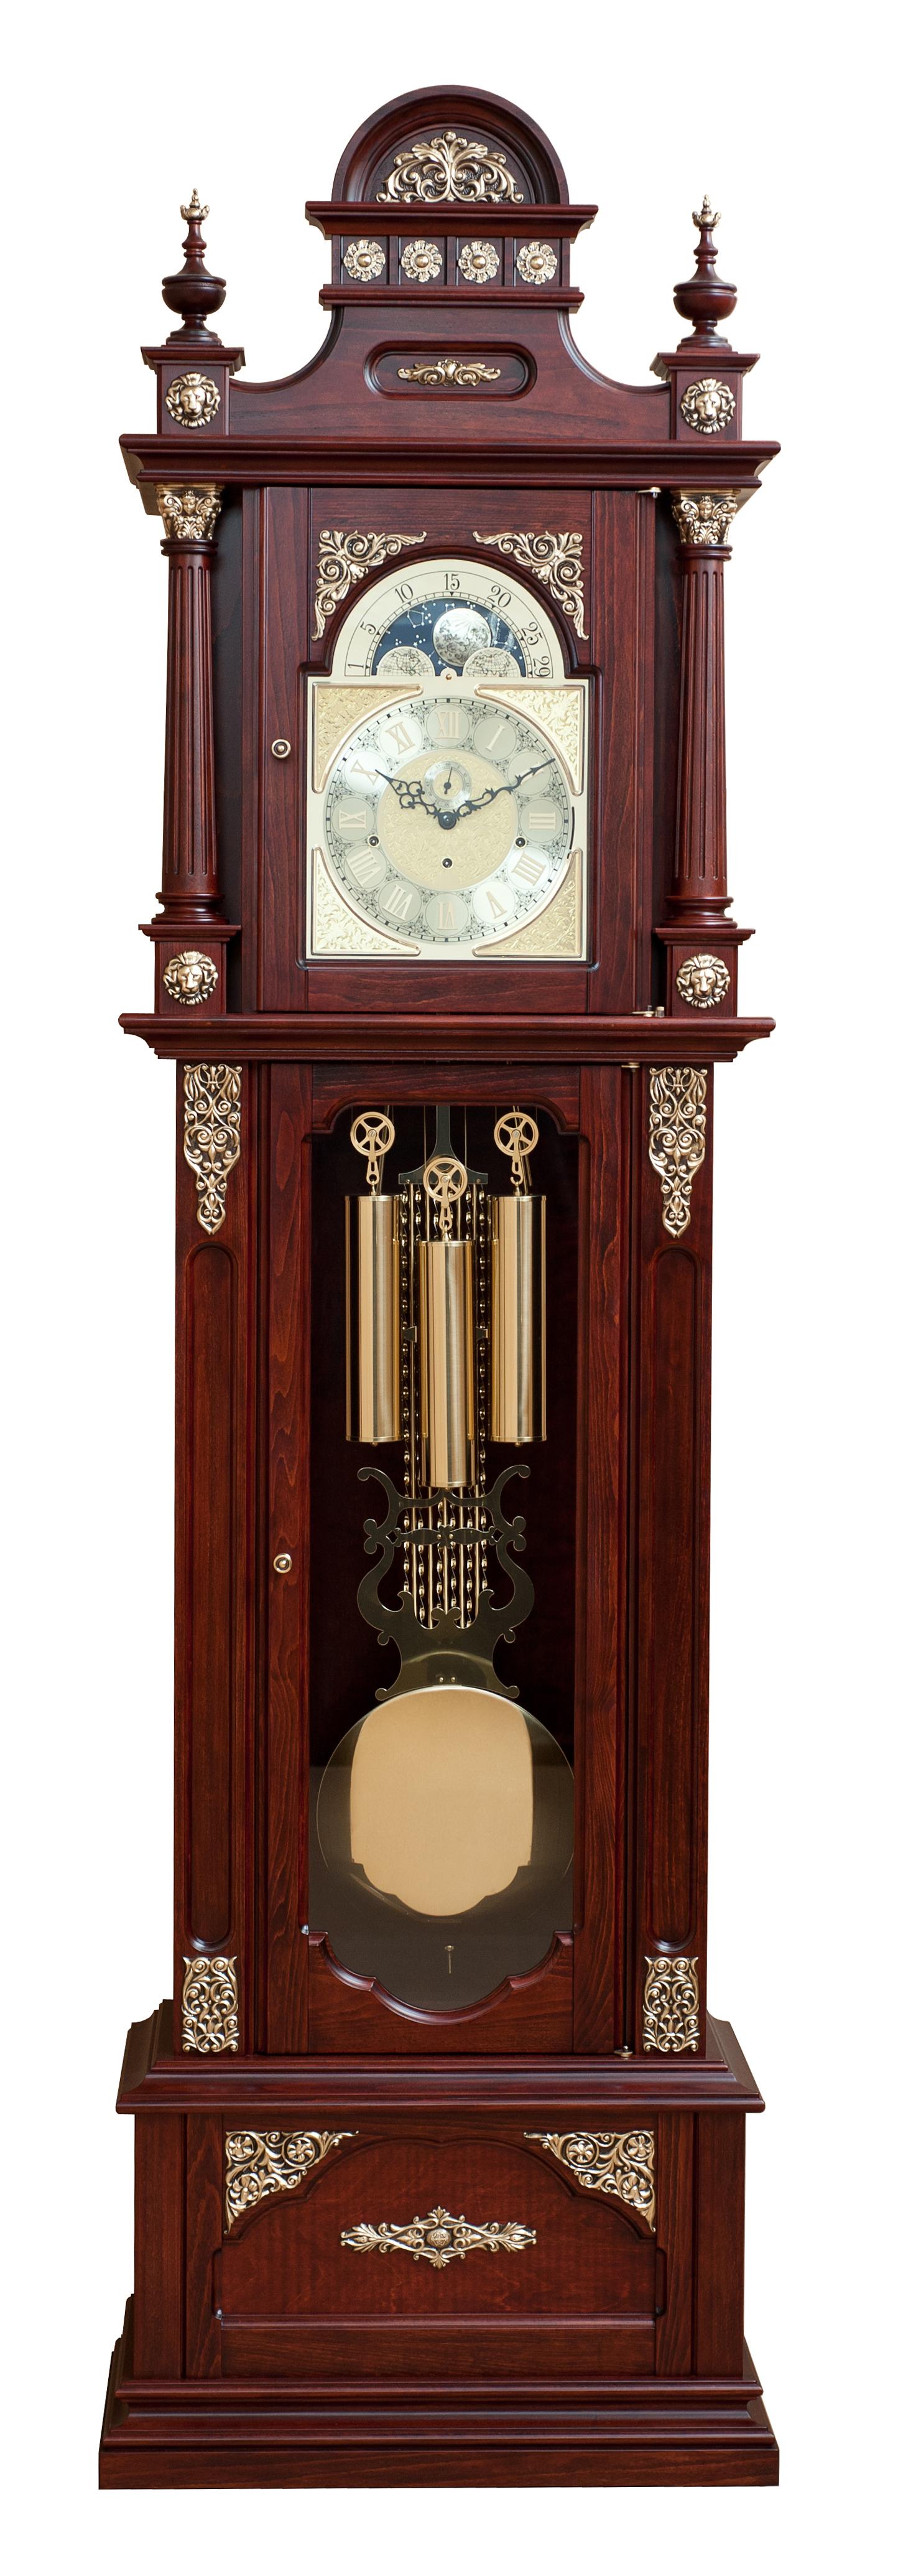 «русское время» предлагает самые привлекательные в спб цены на напольные часы, а также бесплатную доставку и установку выбранных изделий.